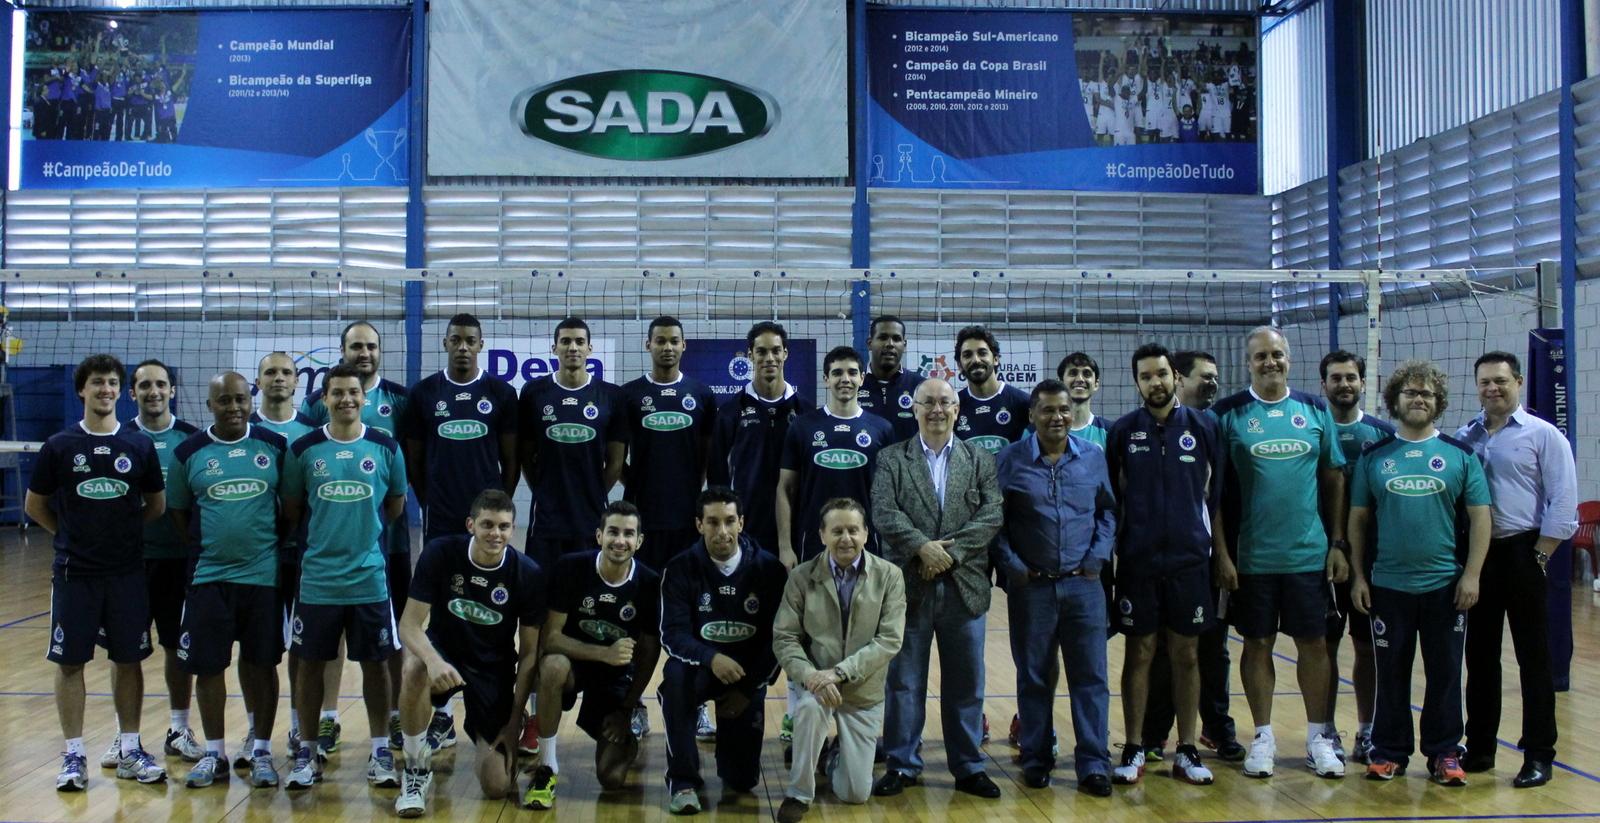 Sada Cruzeiro aposta no grupo para mais uma temporada de sucesso 4bb20d3911645